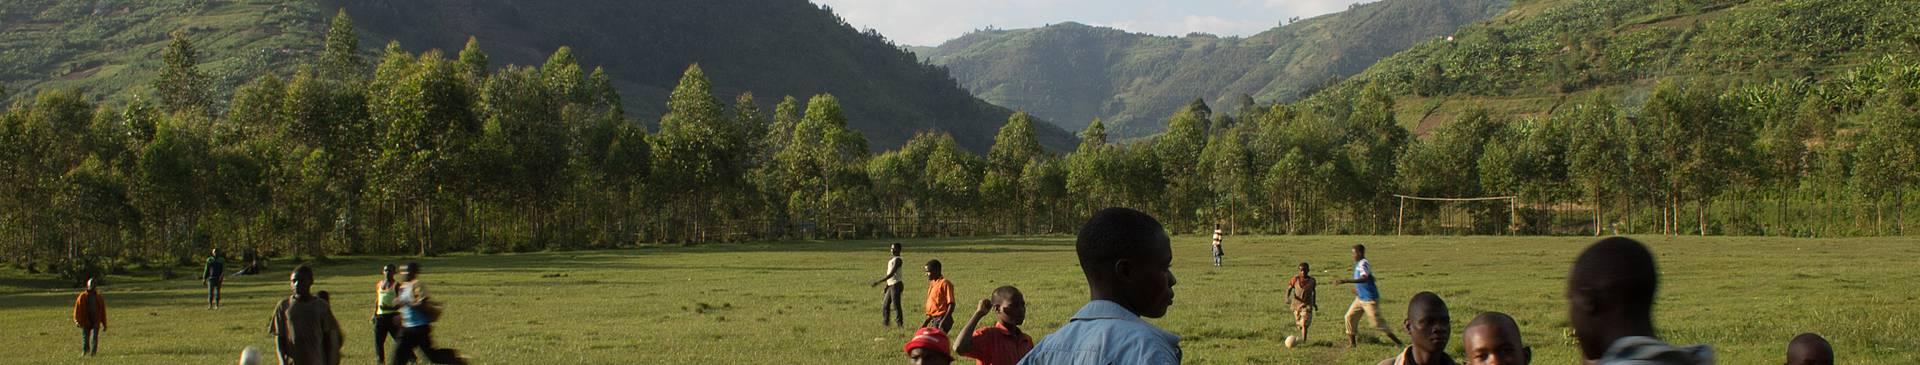 Ruanda im Juli